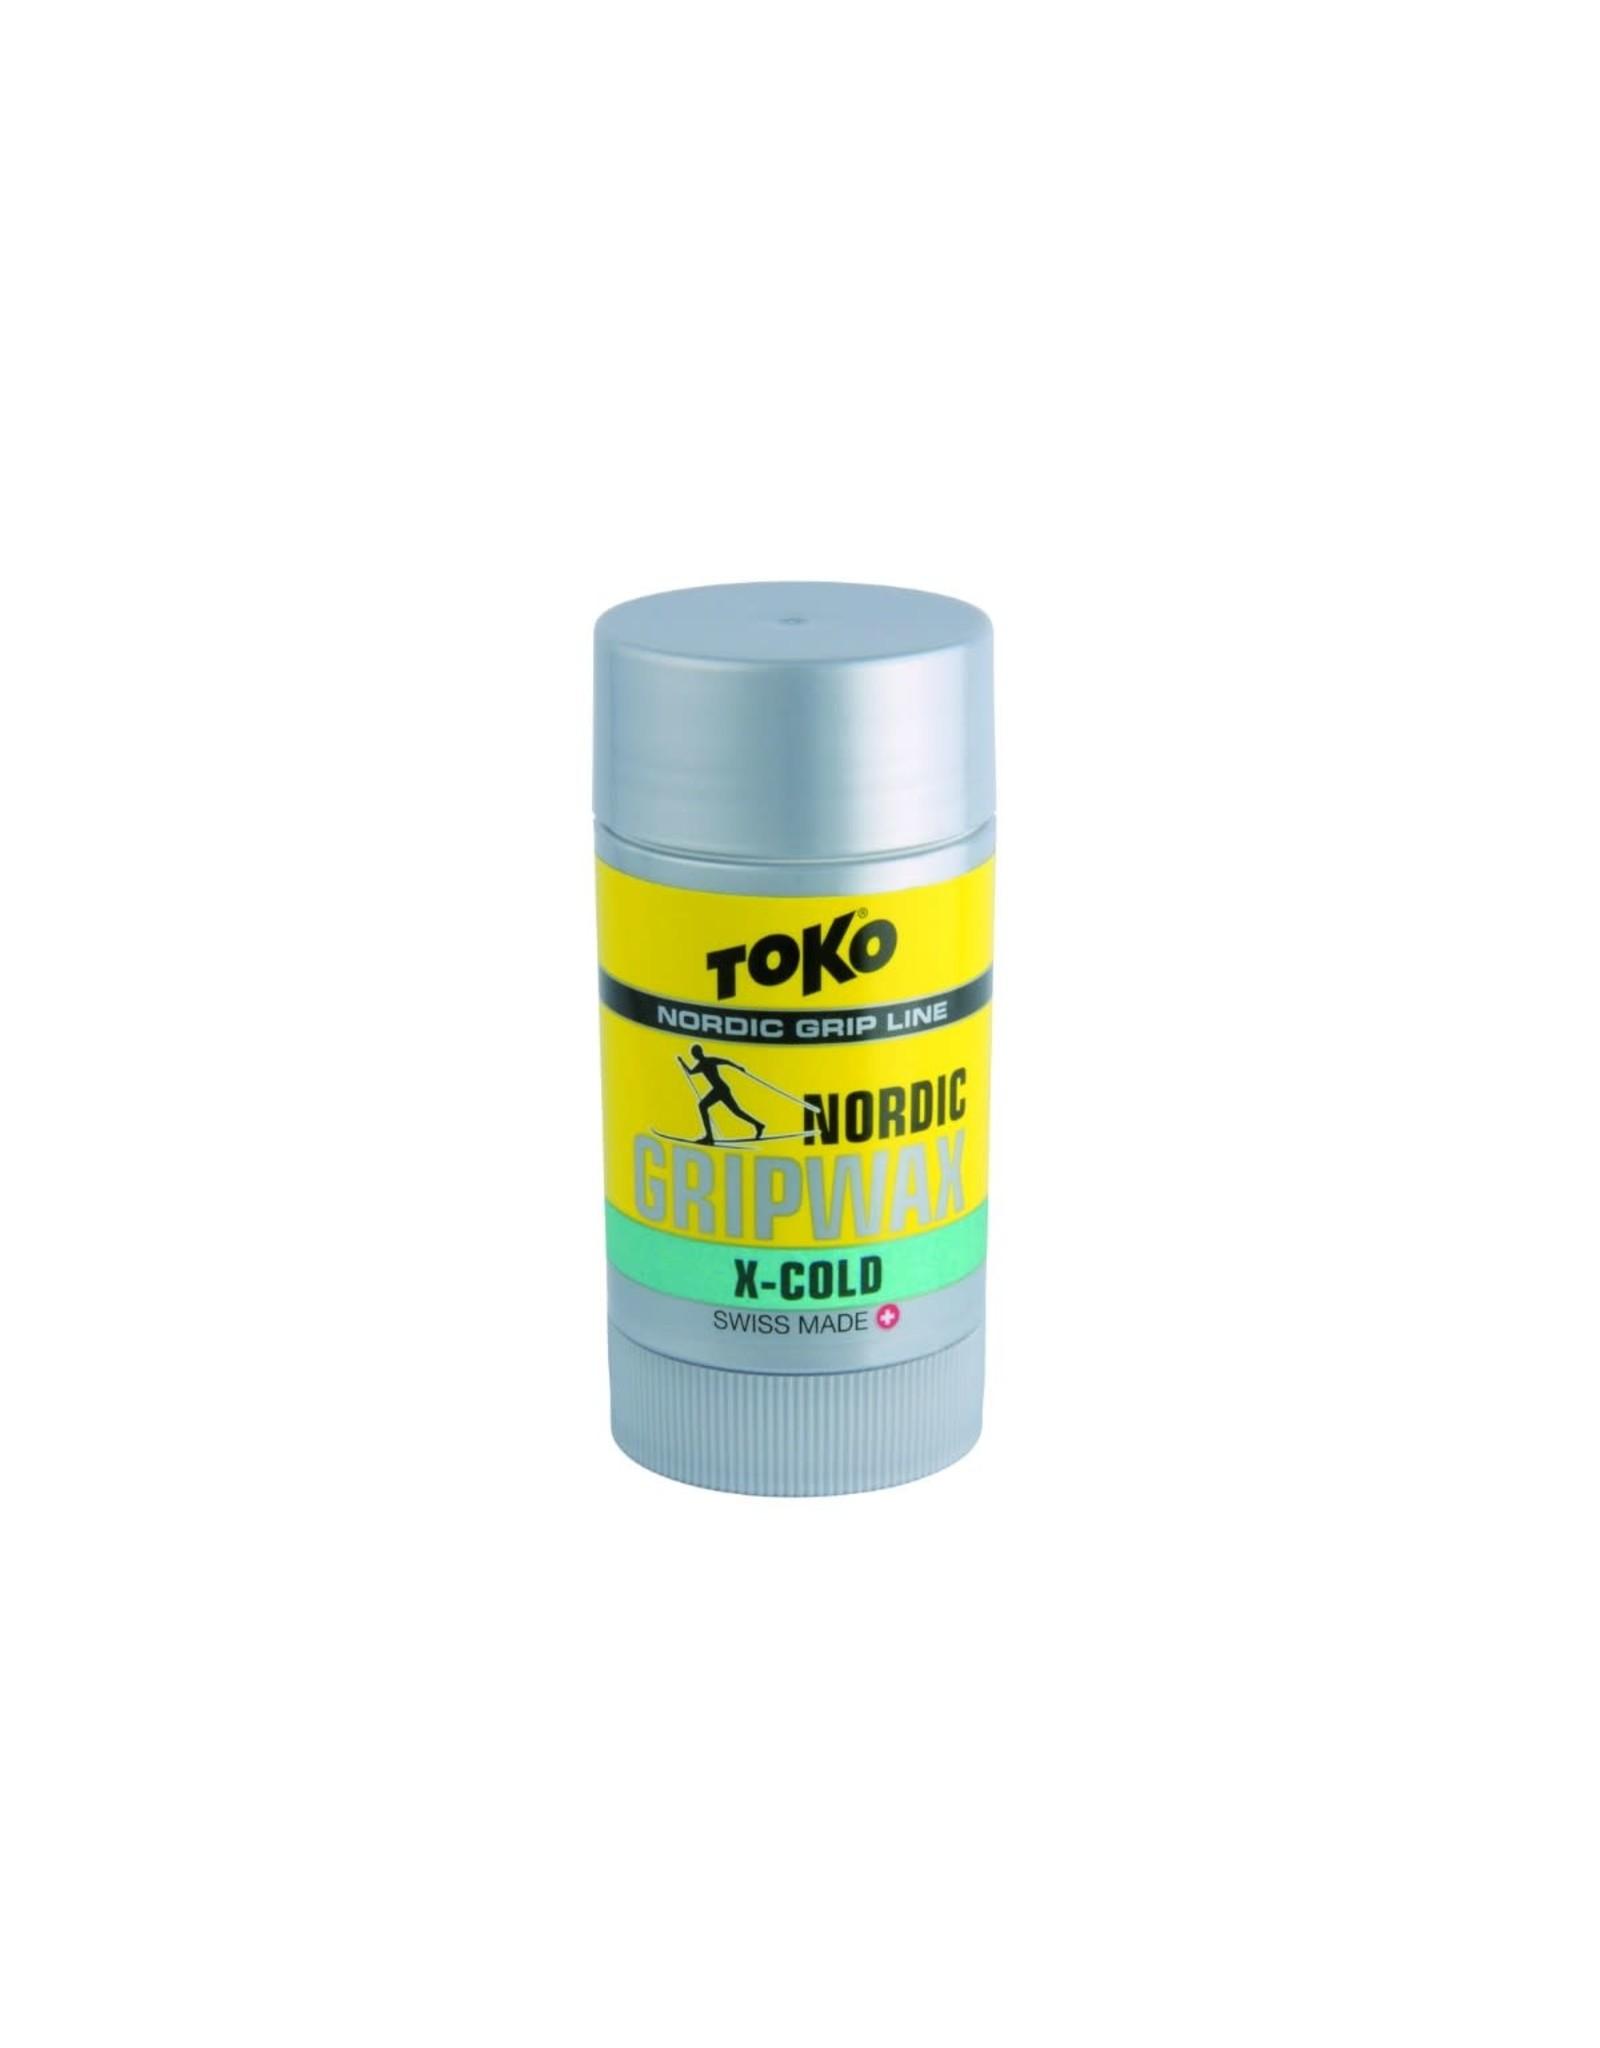 Toko Toko Nordic Grip Wax X-Cold